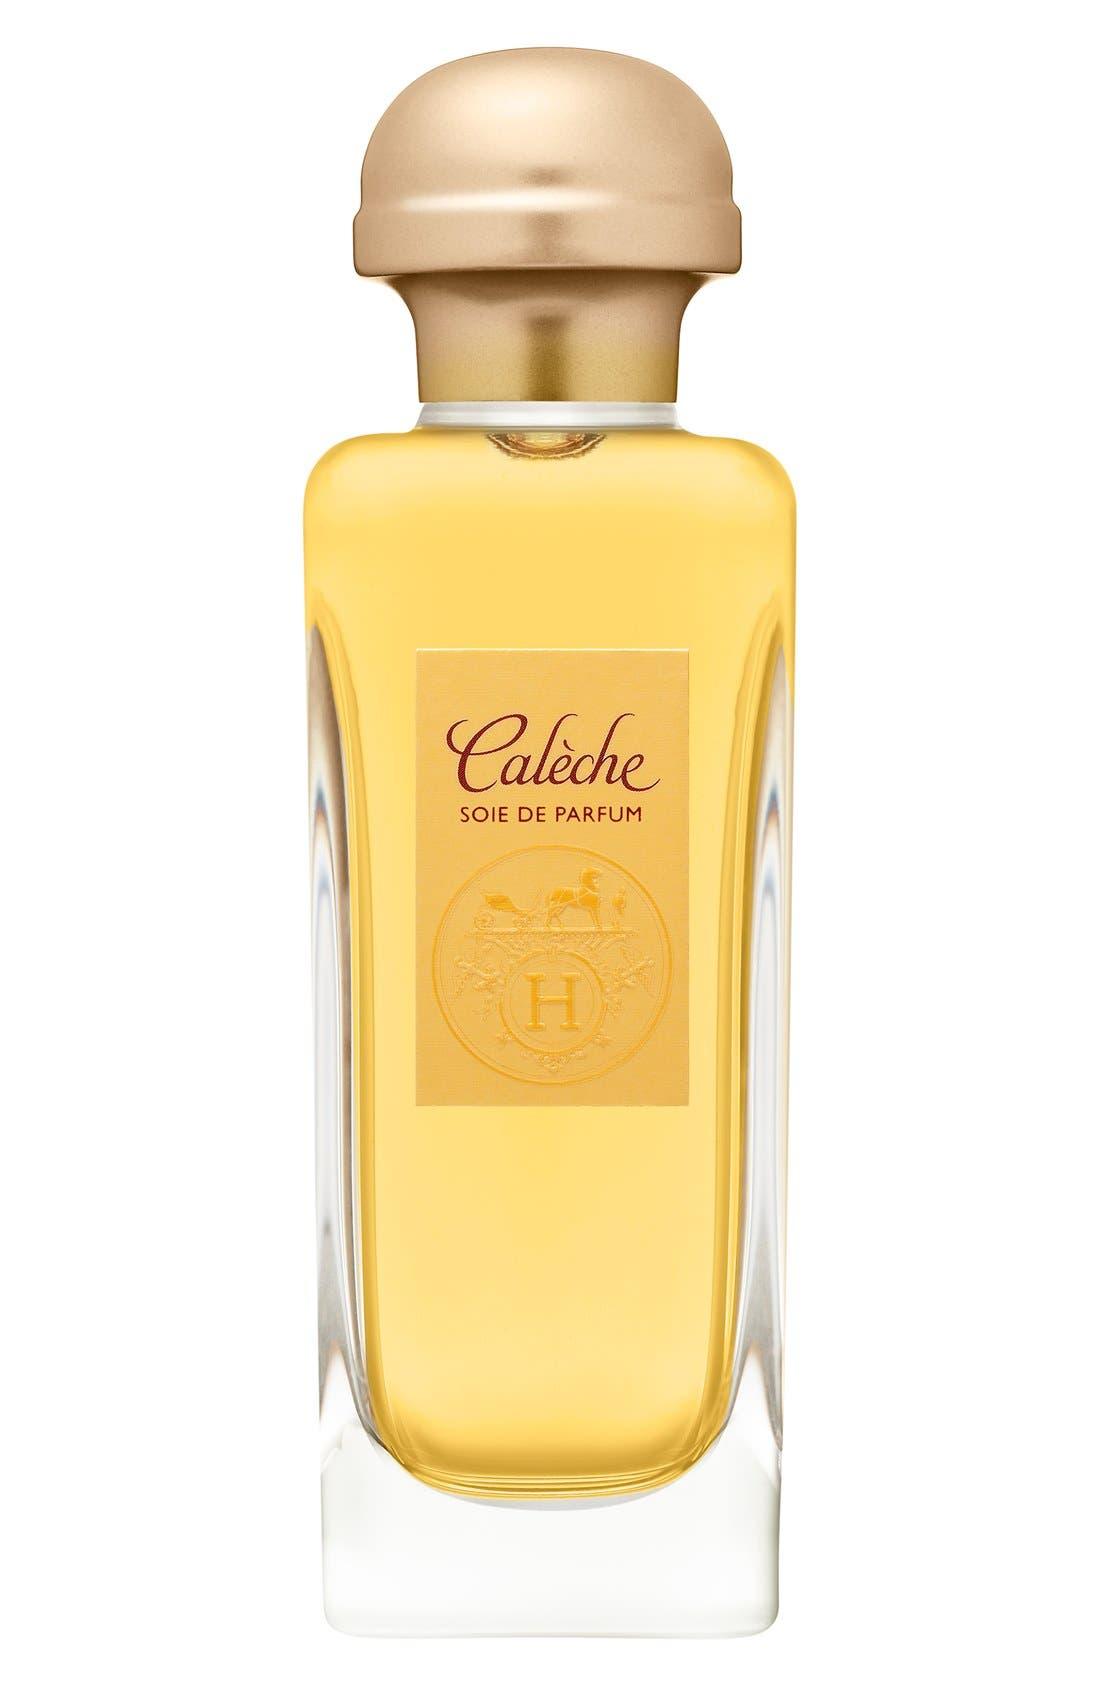 Calèche - Soie de parfum,                         Main,                         color, NO COLOR